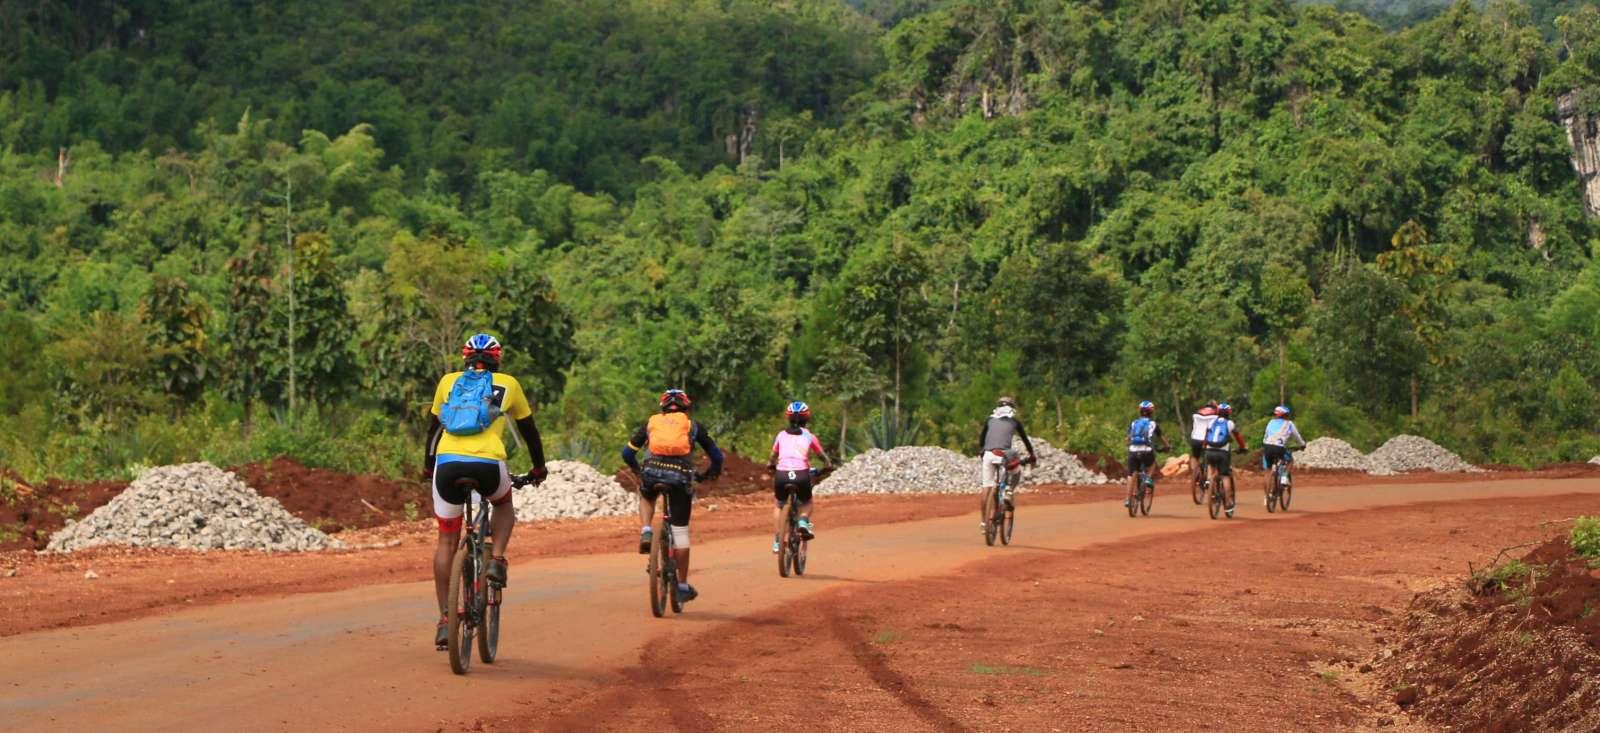 Voyage en véhicule Birmanie : A VTT sur les sentiers birmans !